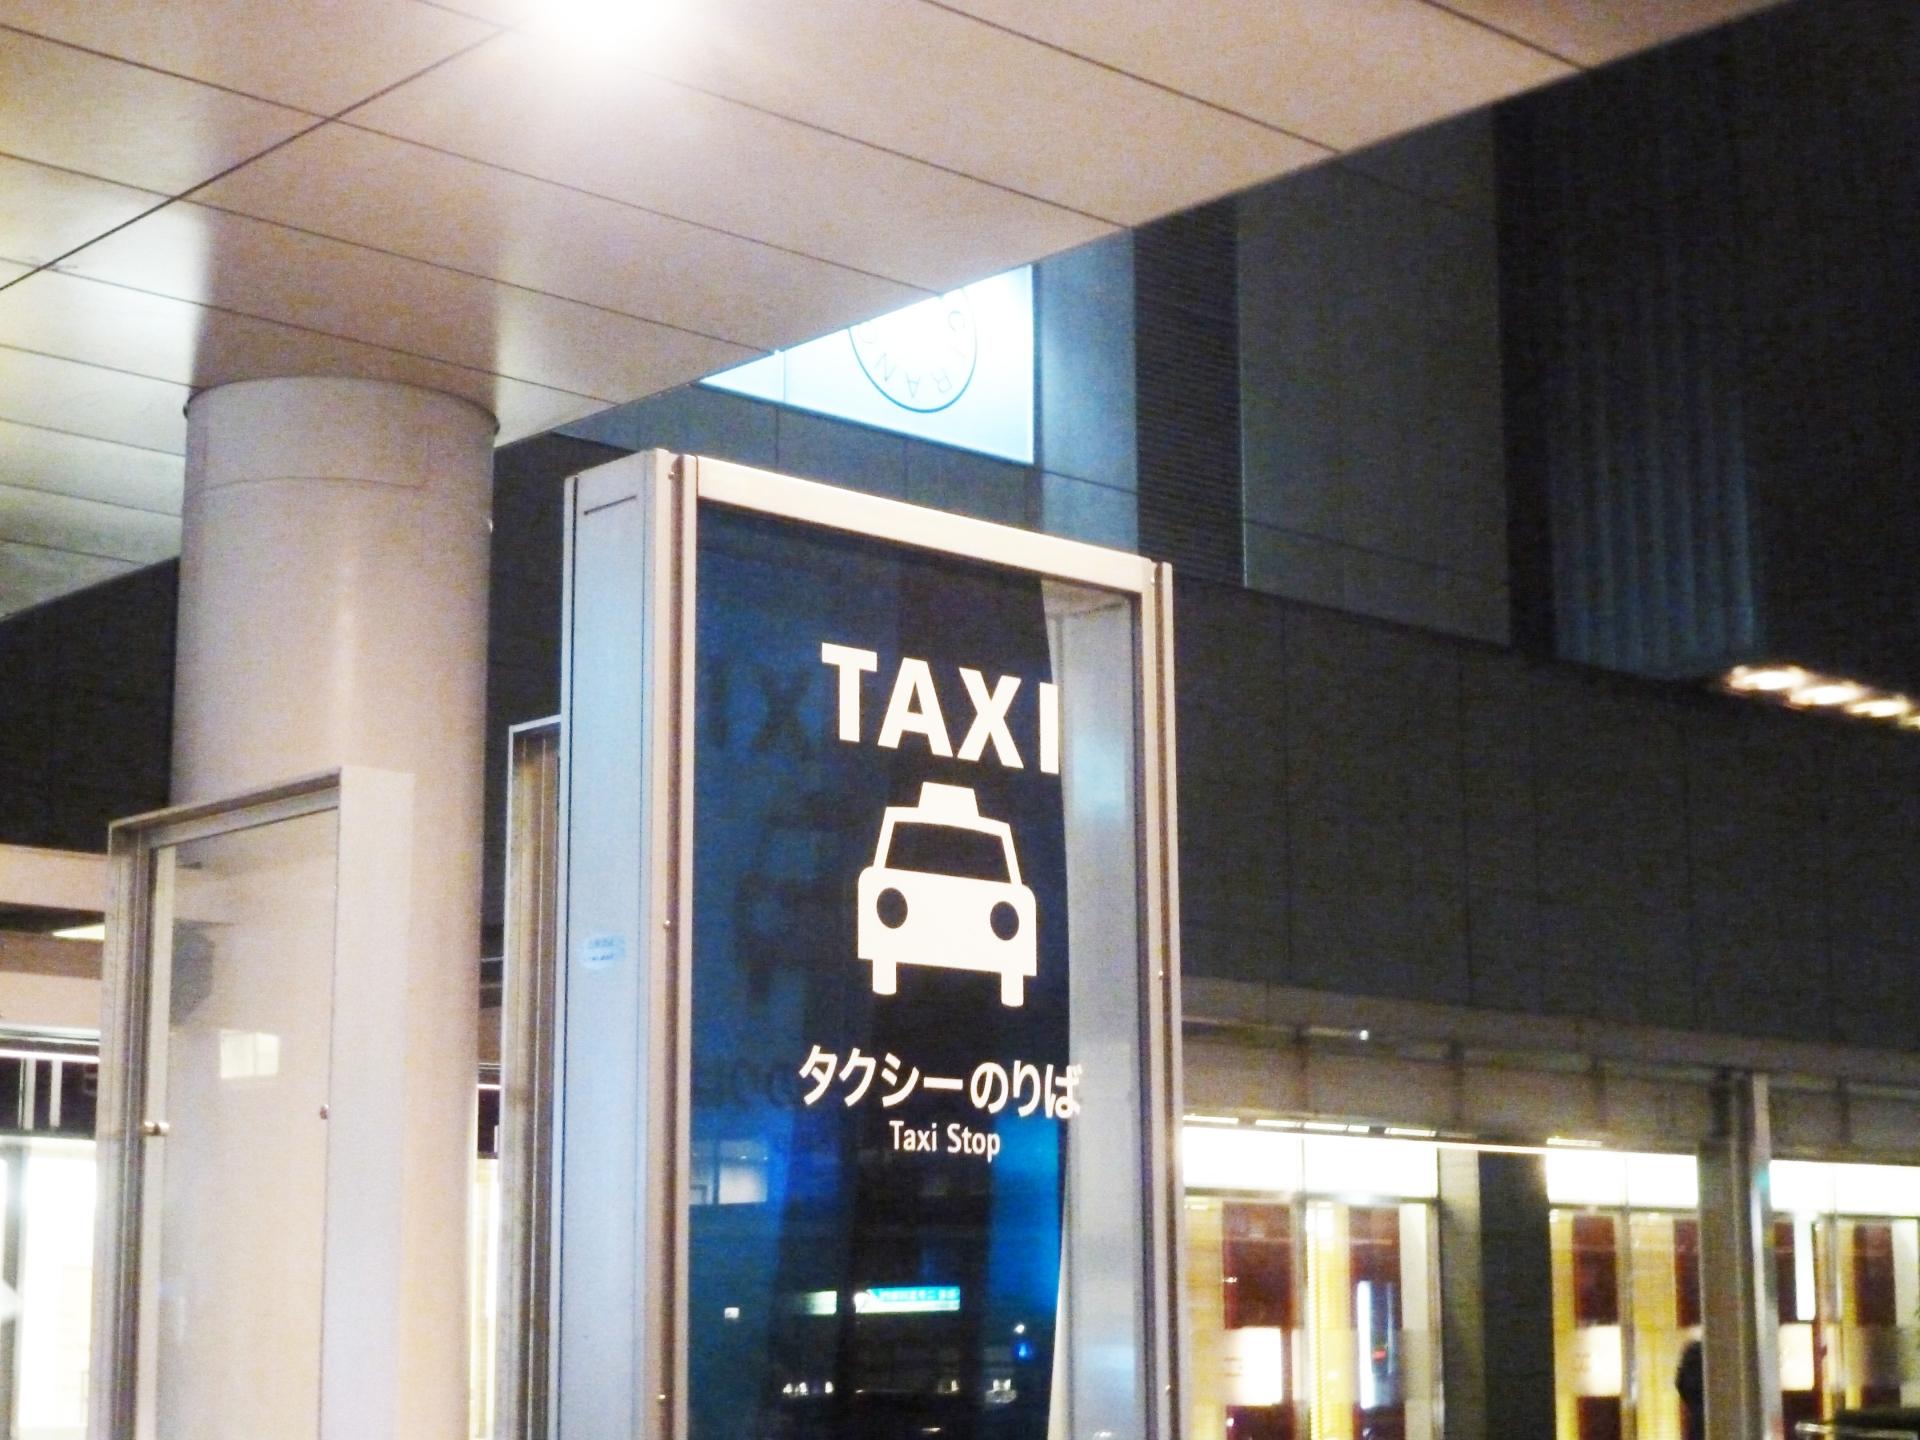 外国人向けの「フォーリンフレンドリータクシー」とは